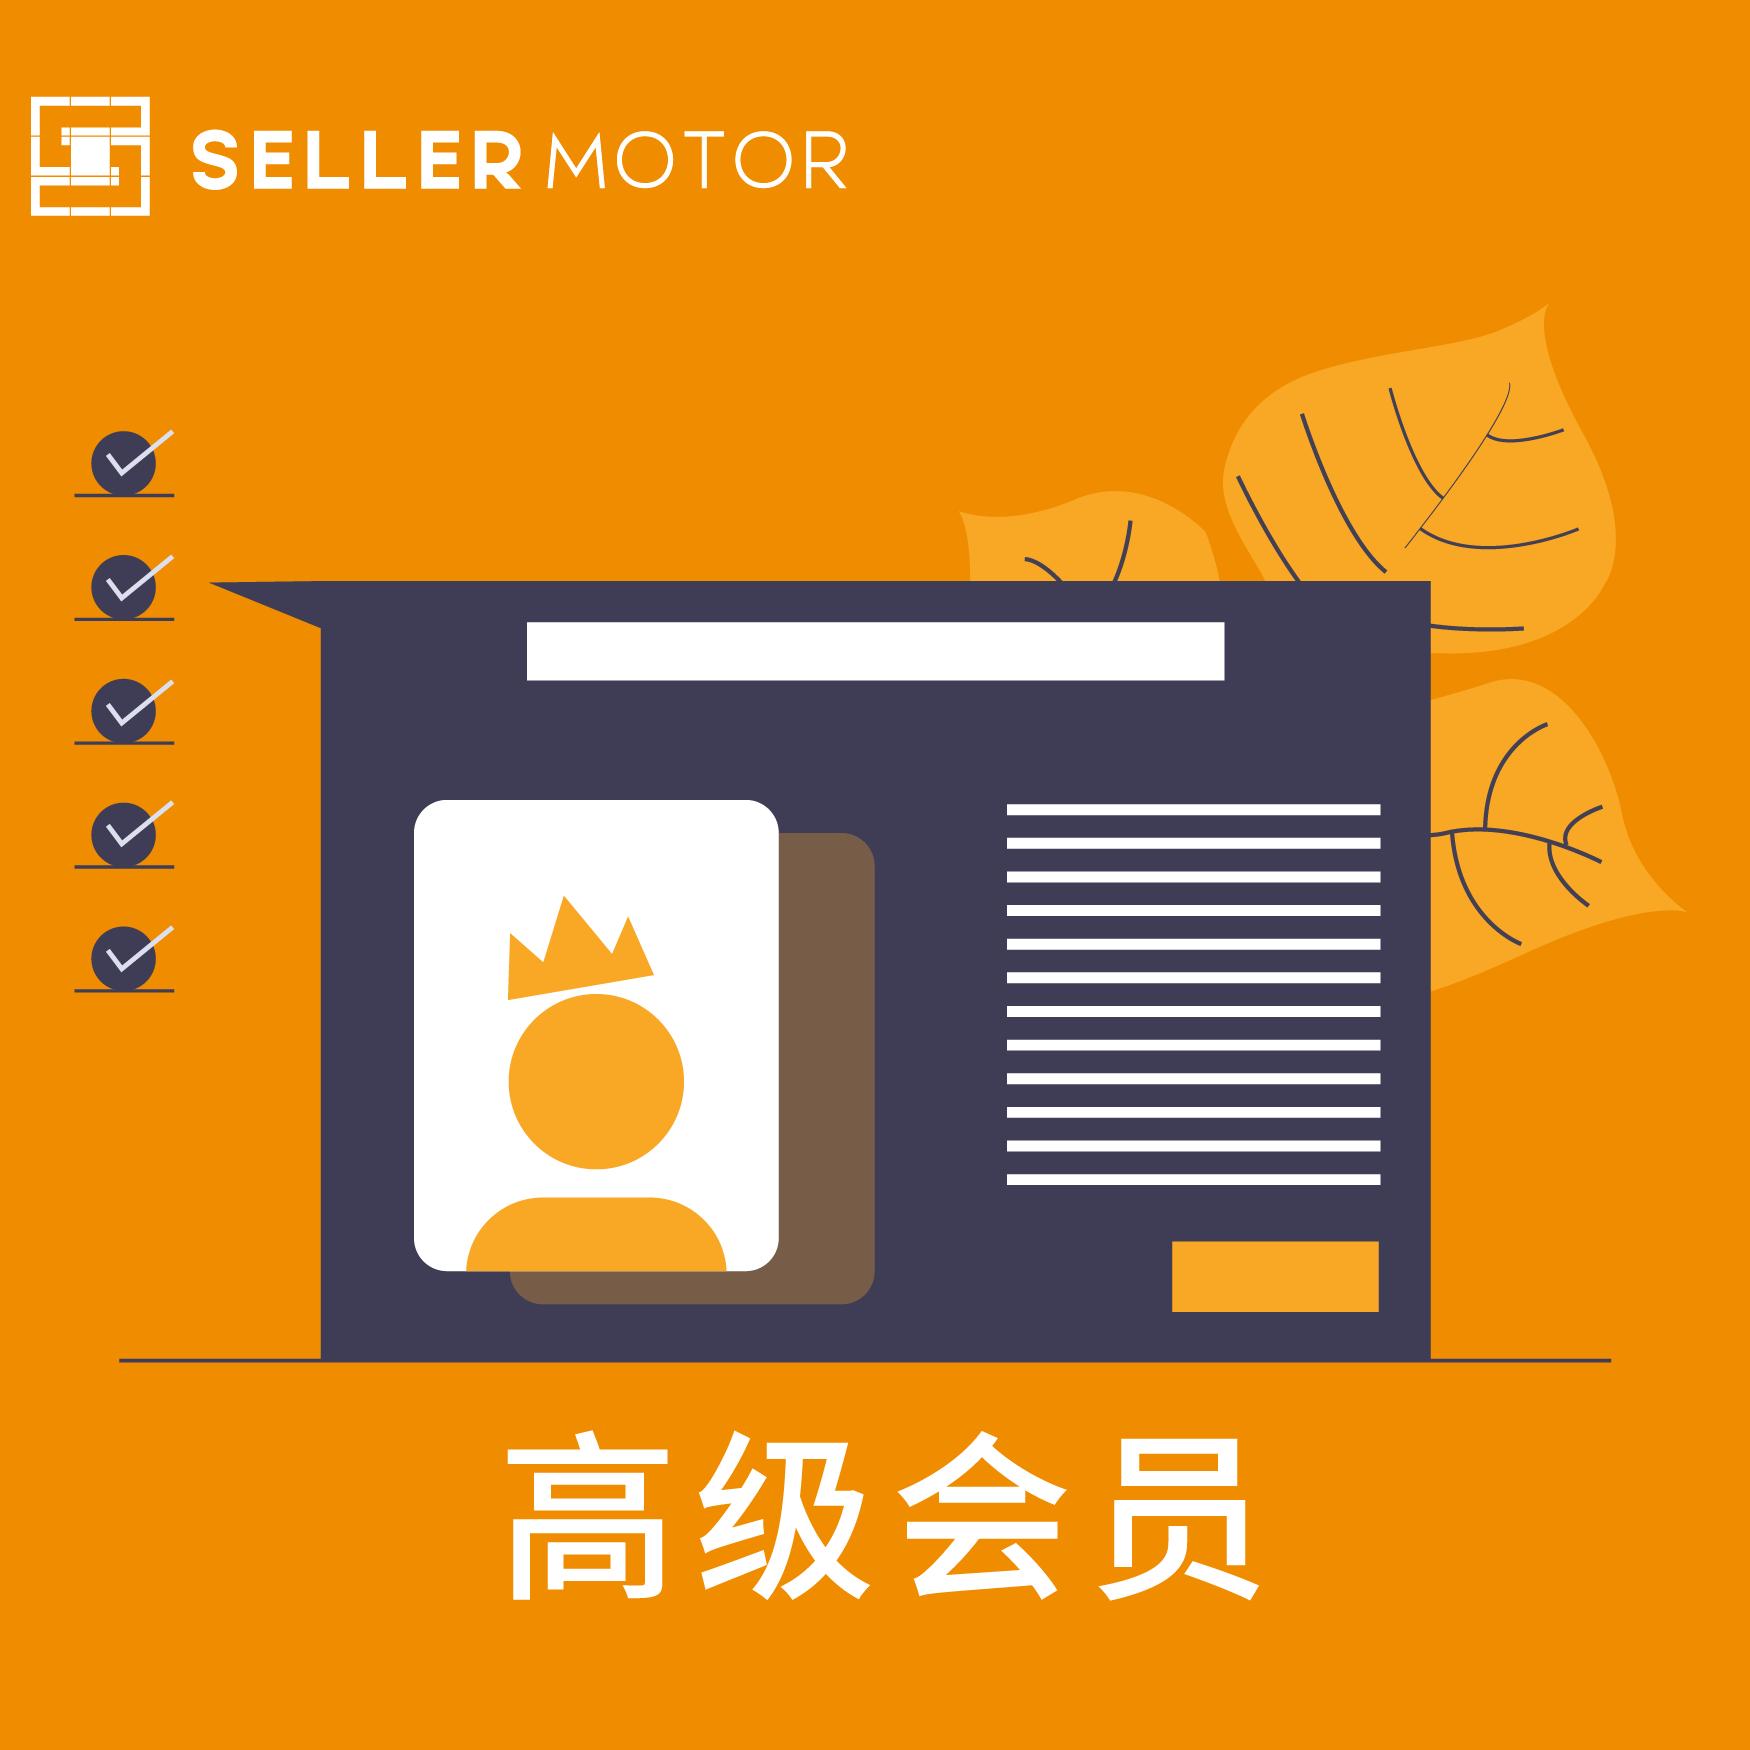 SellerMotor高级会员